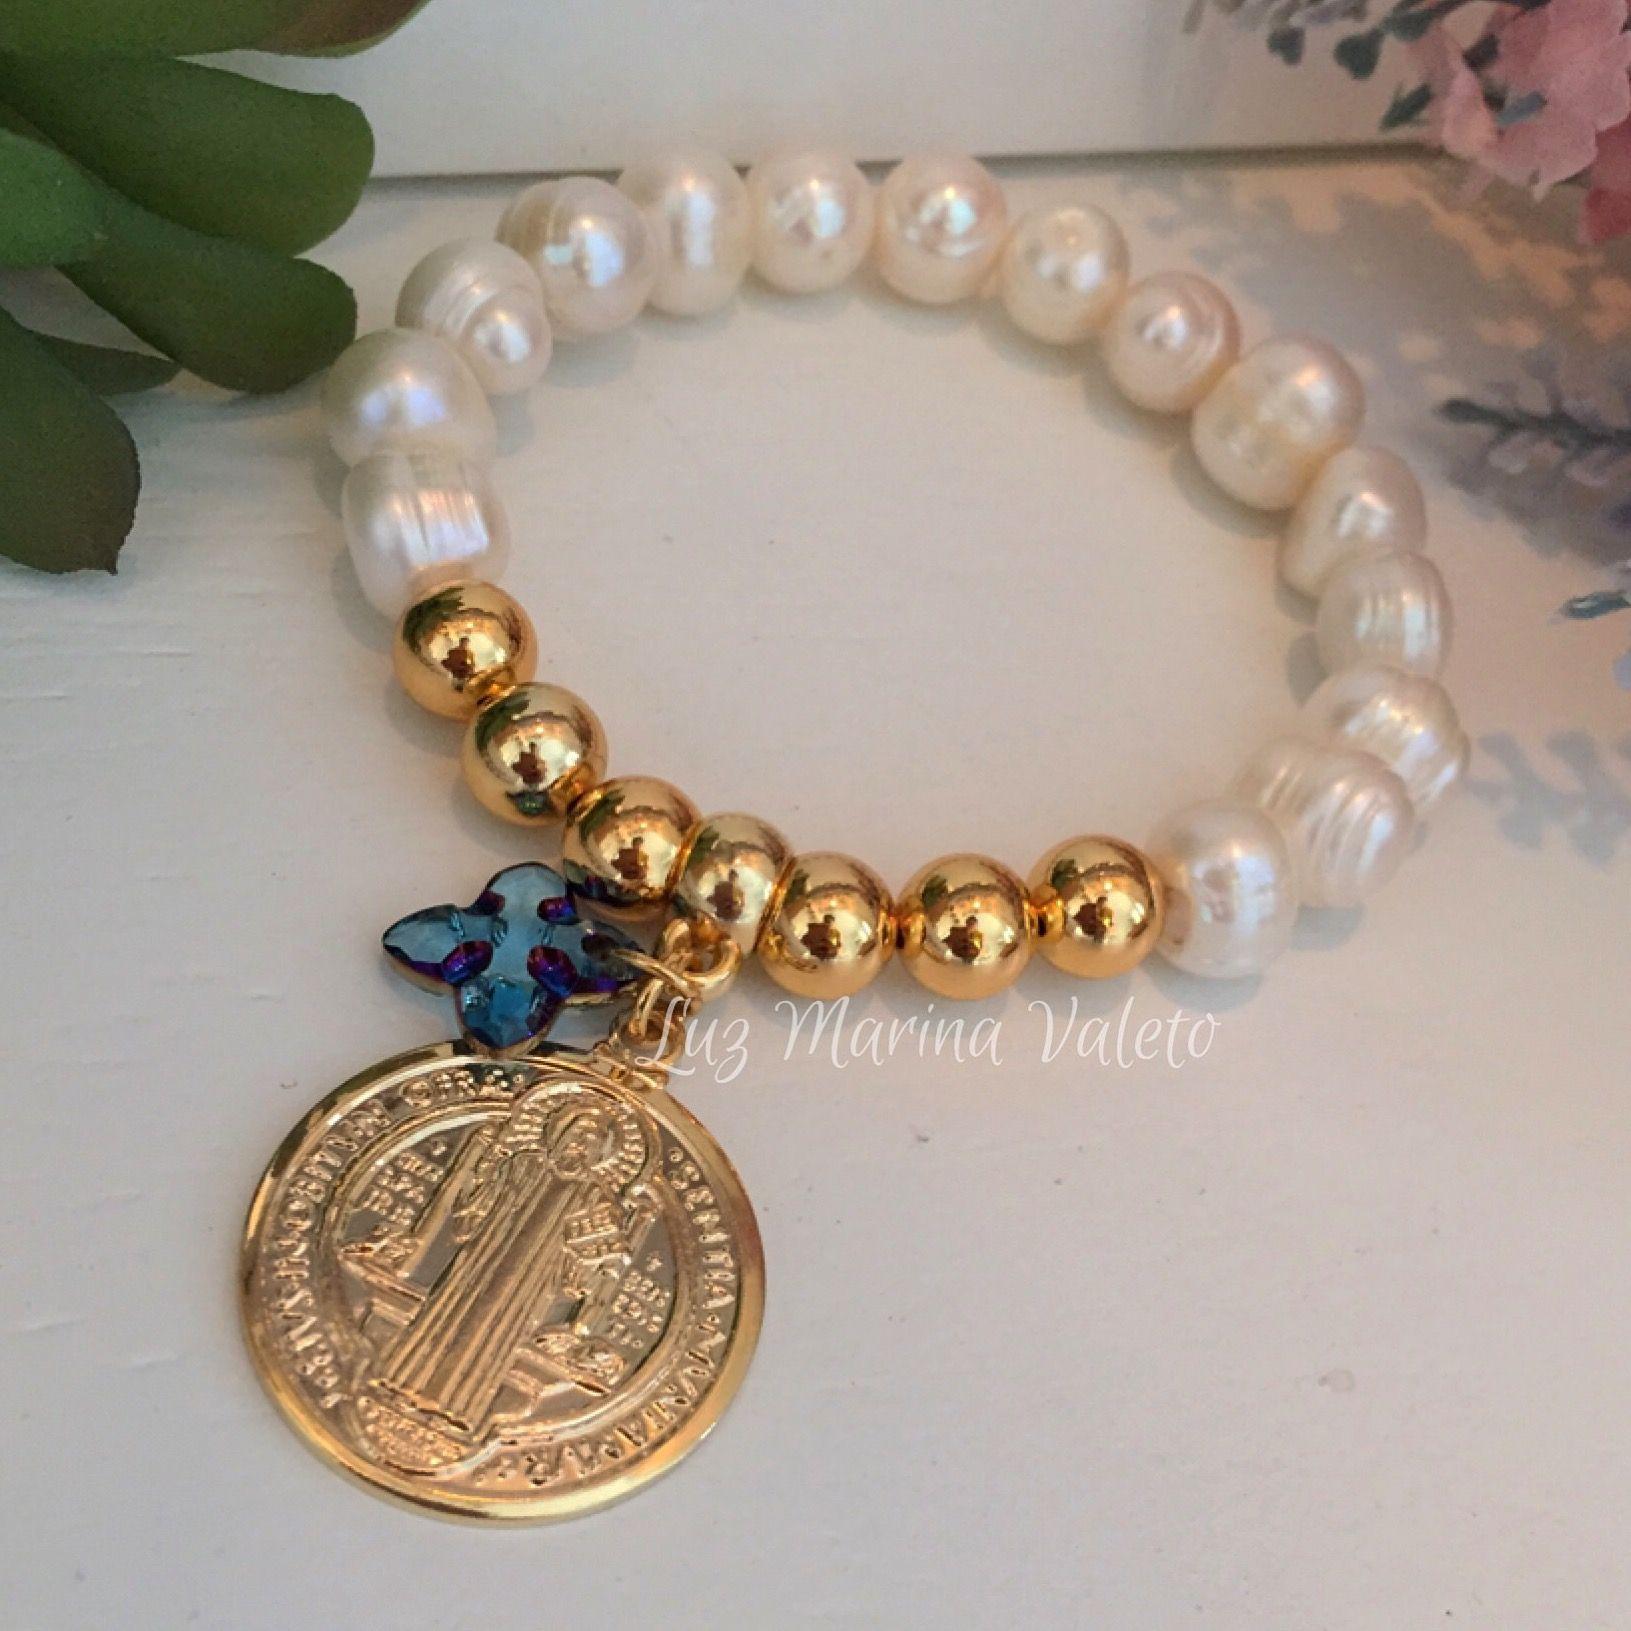 8bf4e905a23b Pulsera de perlas con dije de San Benito by Luz Marina Valero ...